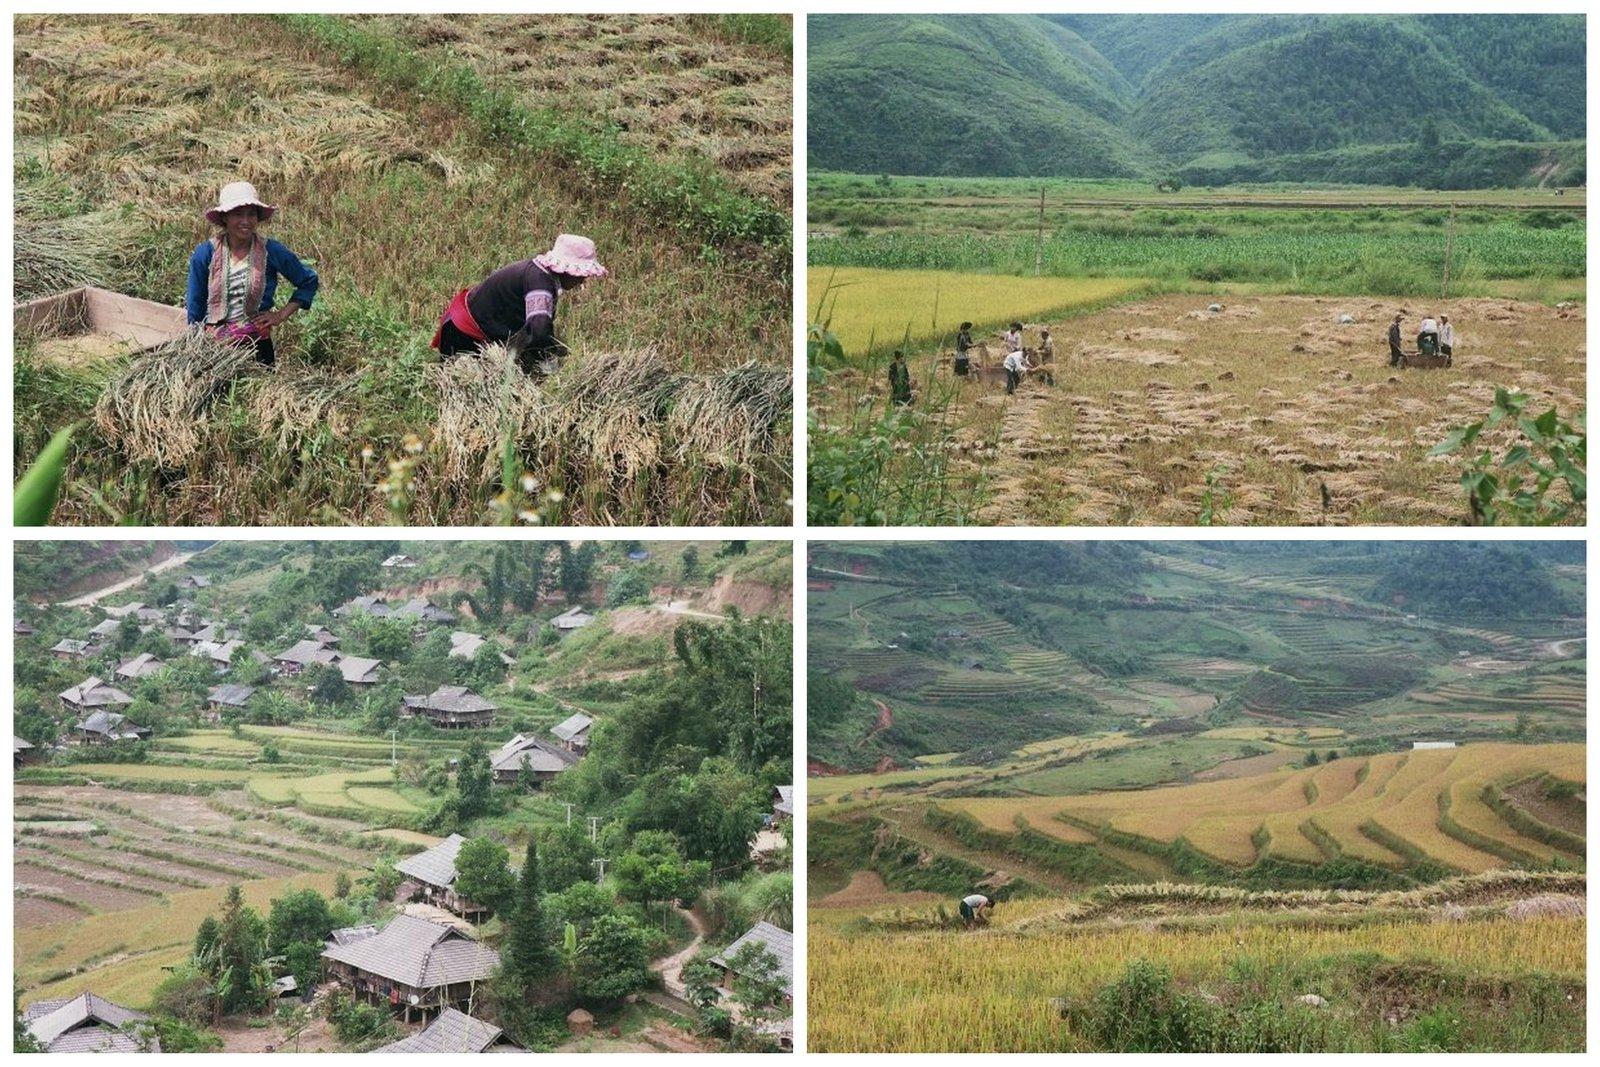 viajes-vietnam-sapa-rice